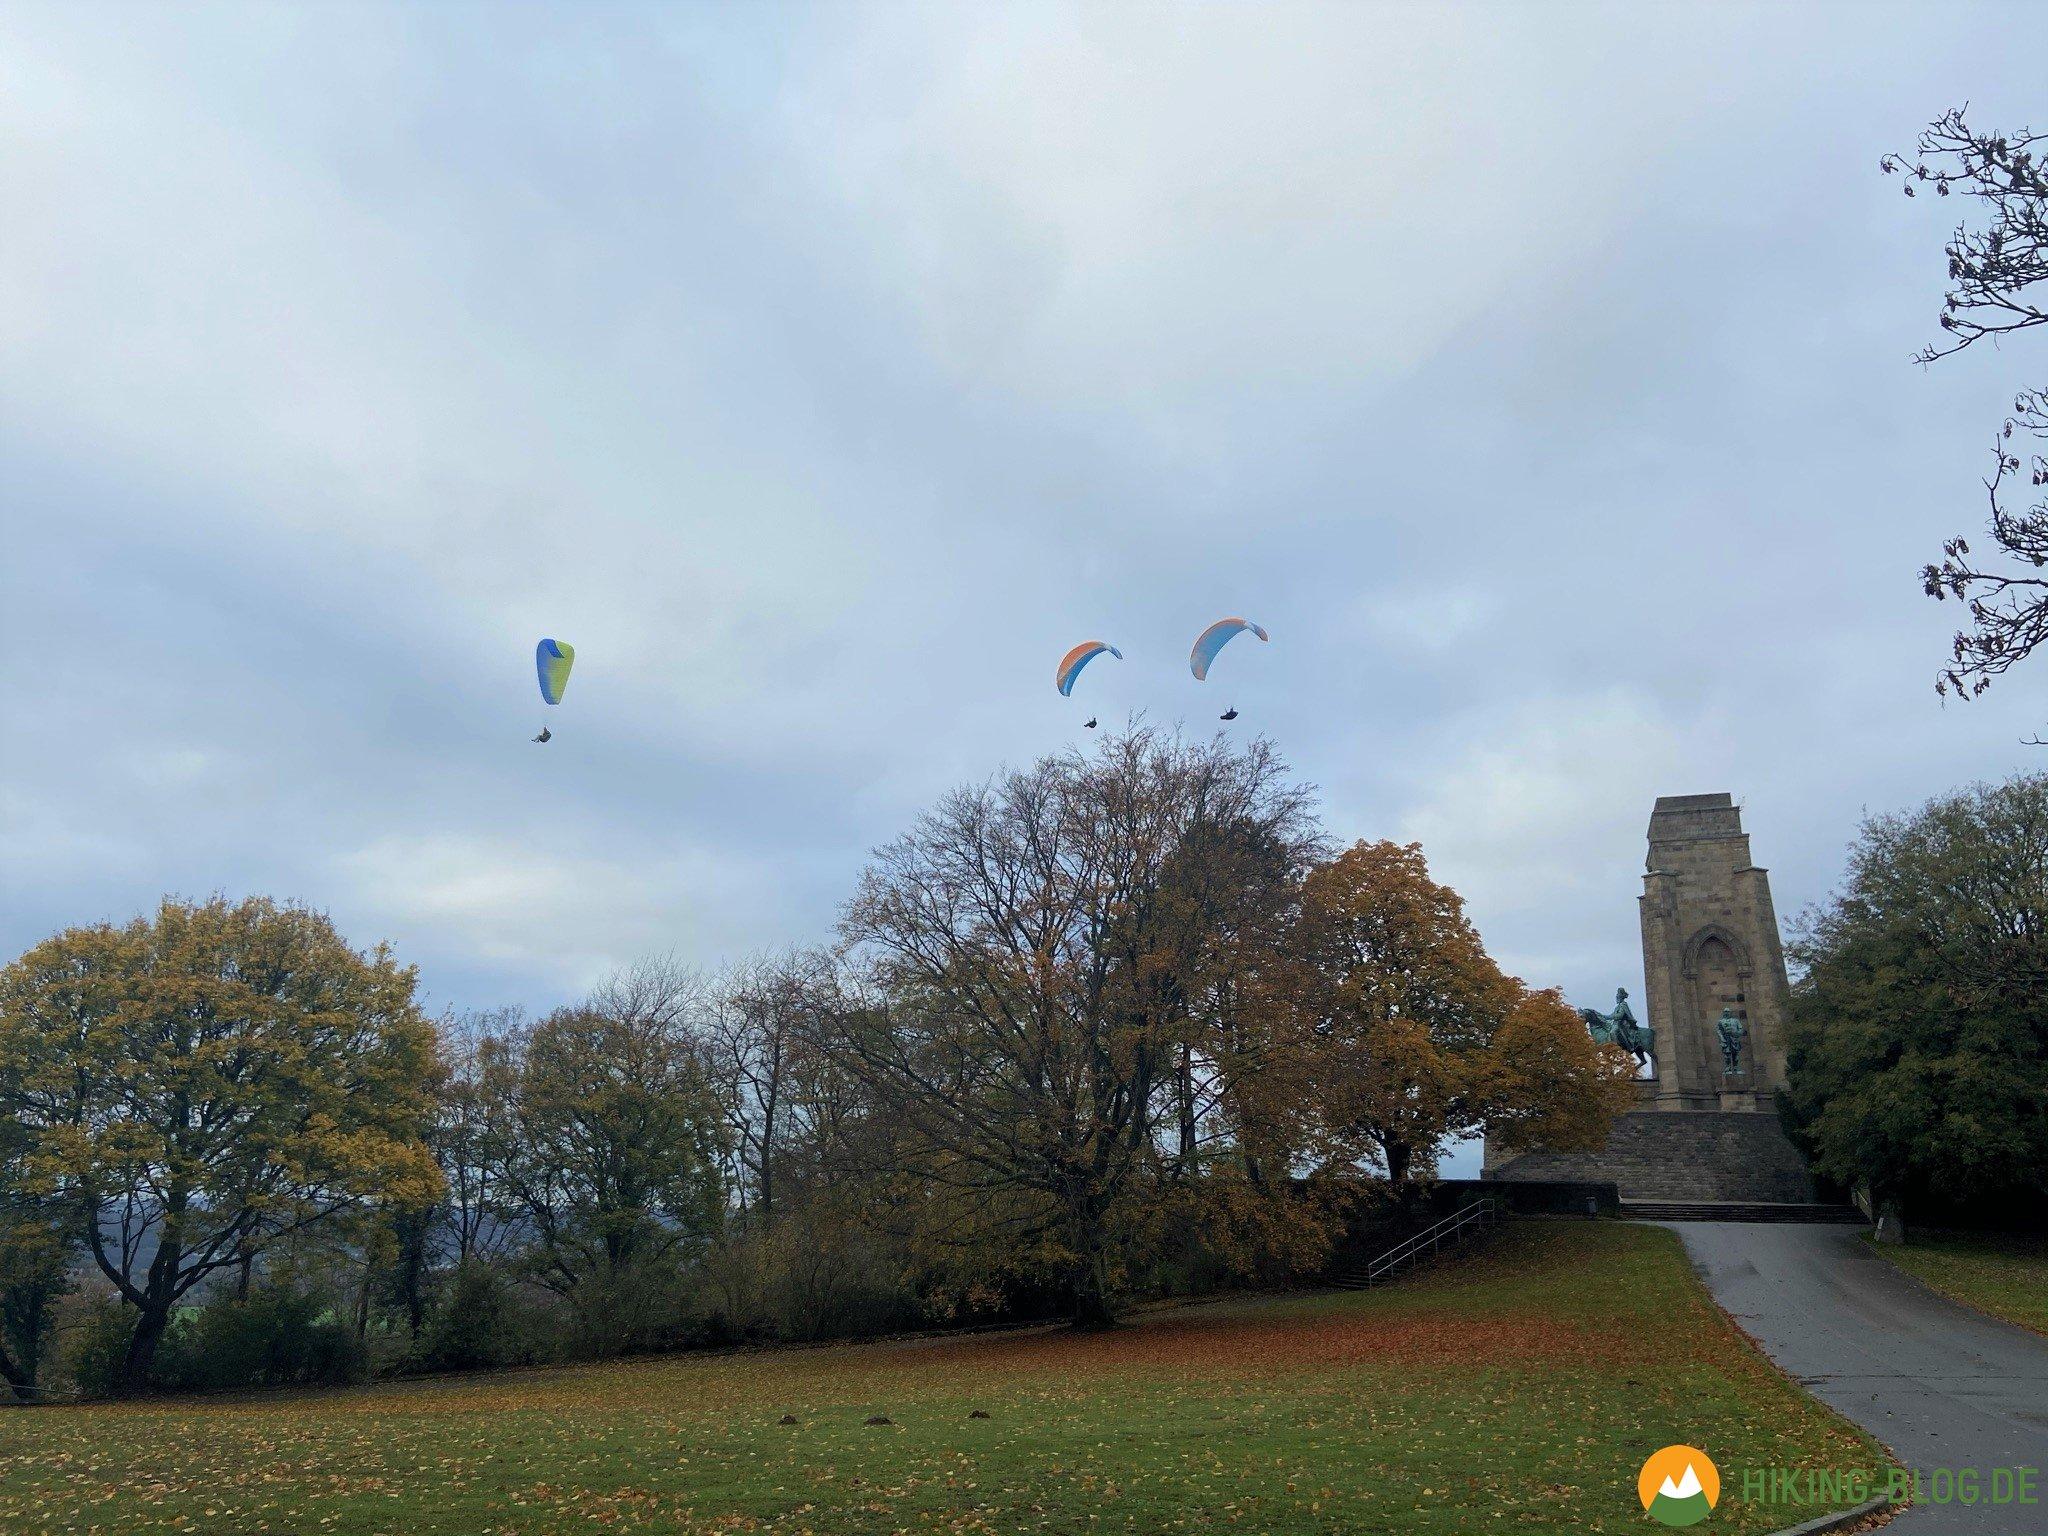 Gleitschirmflieger an der Hohensyburg in Dortmund